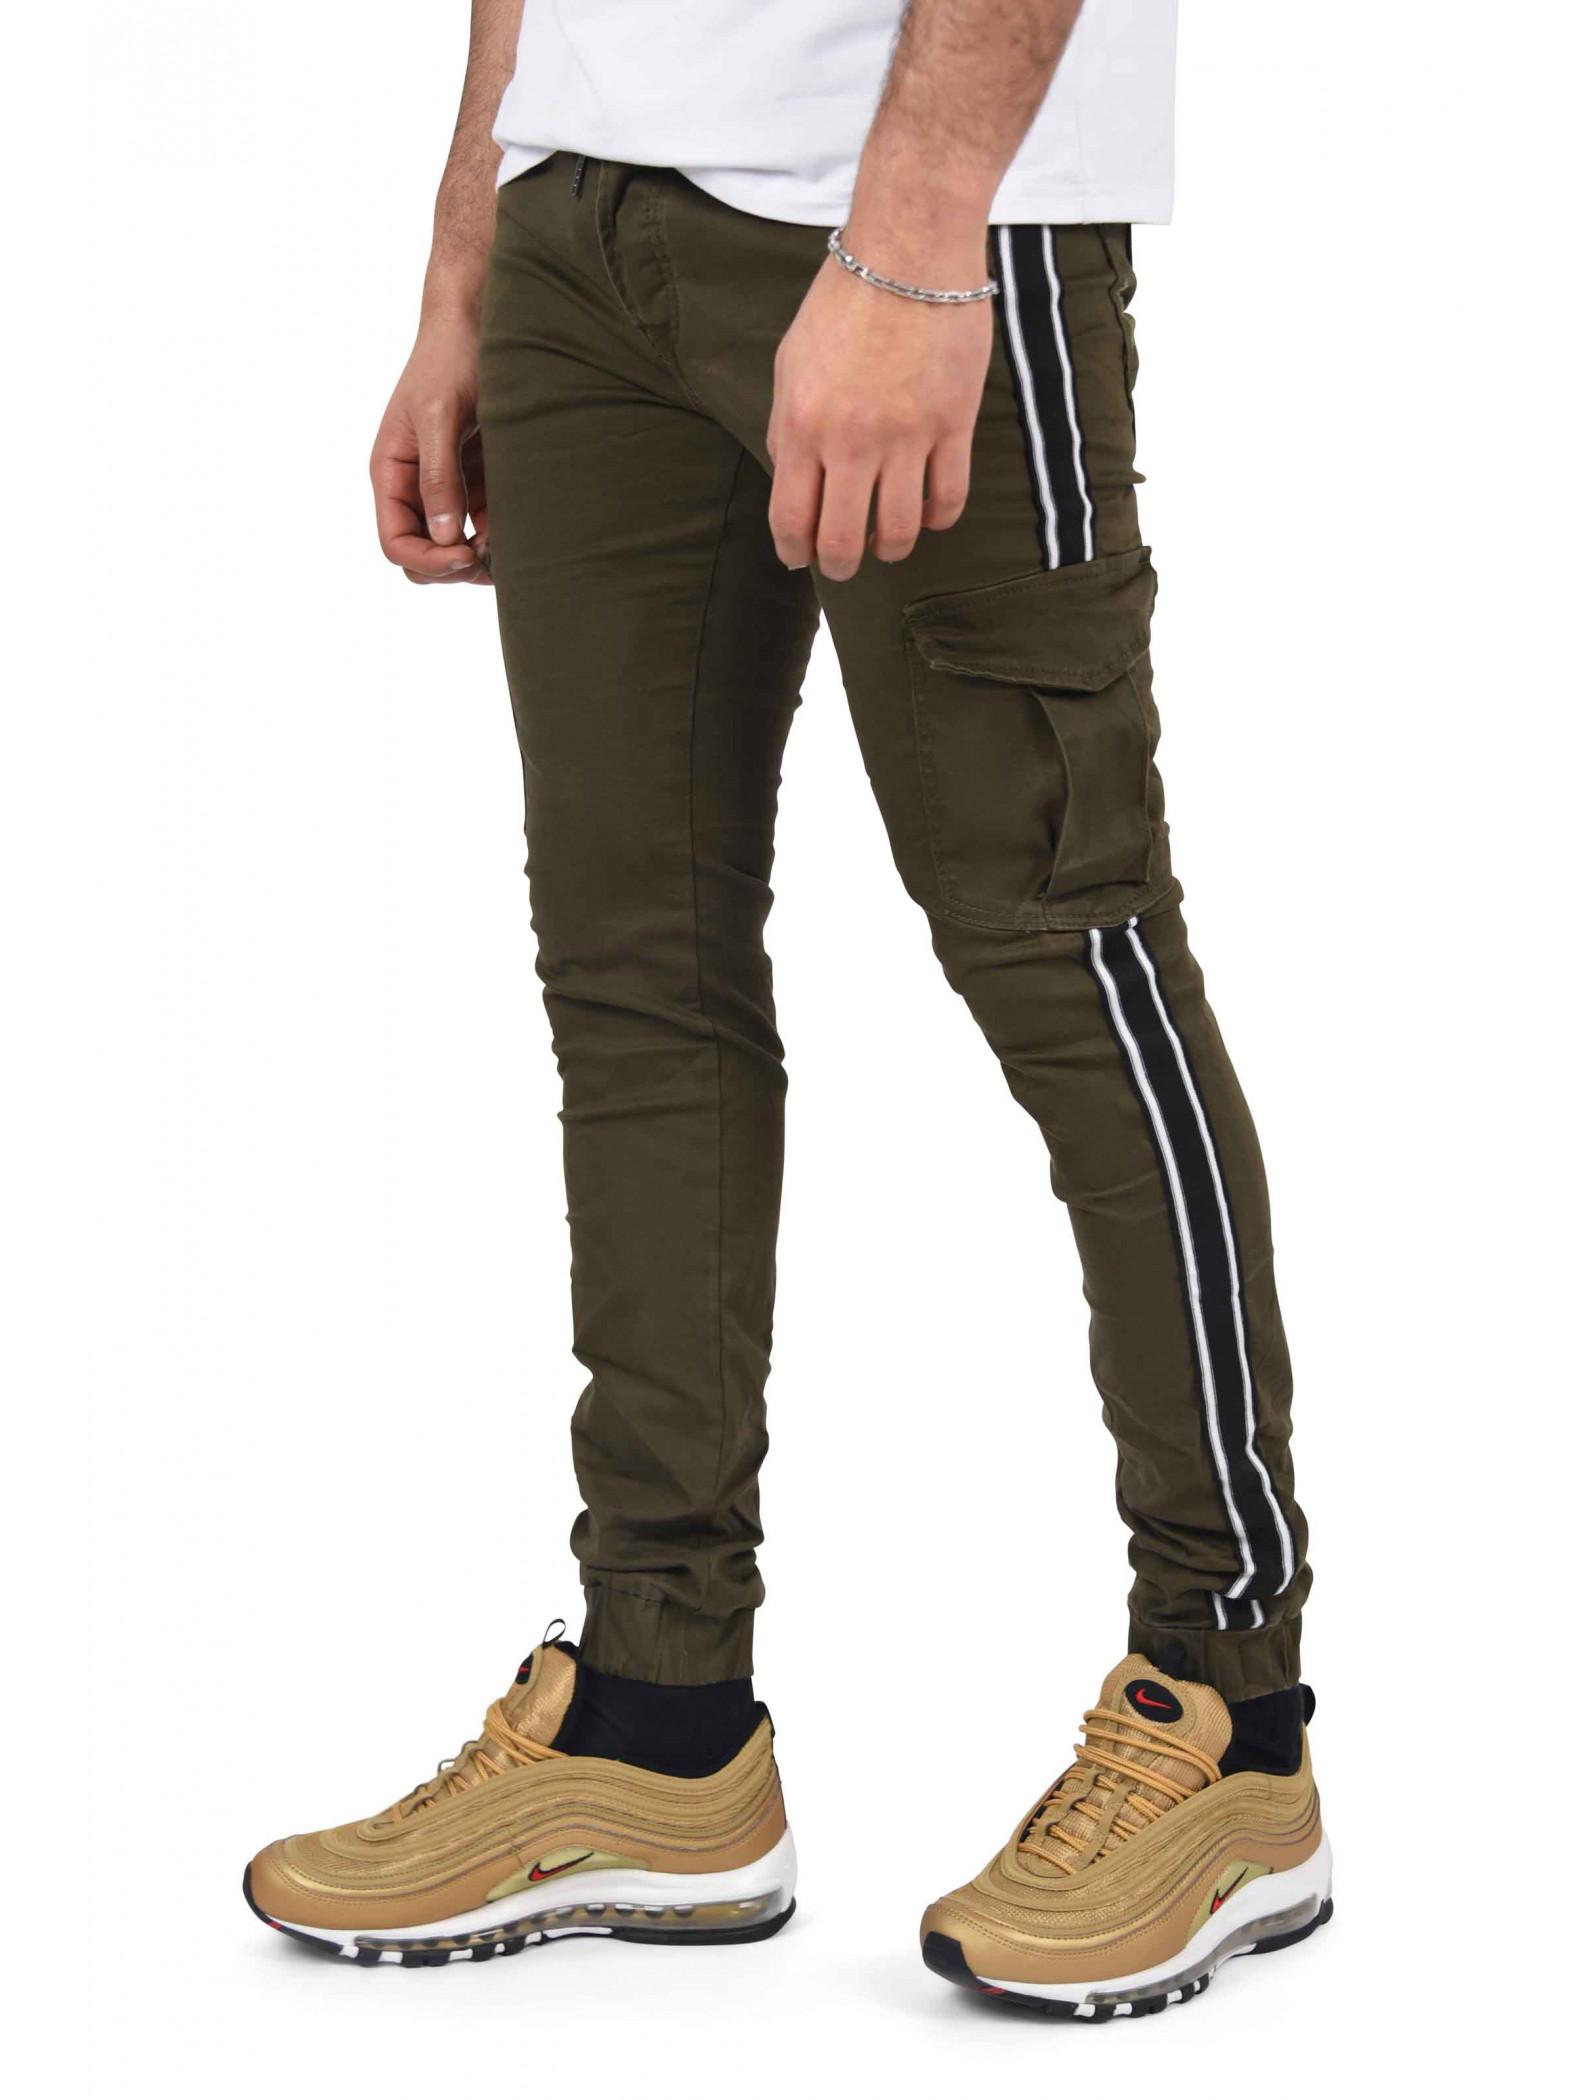 pantalon cargo bandes bicolores homme project x paris. Black Bedroom Furniture Sets. Home Design Ideas